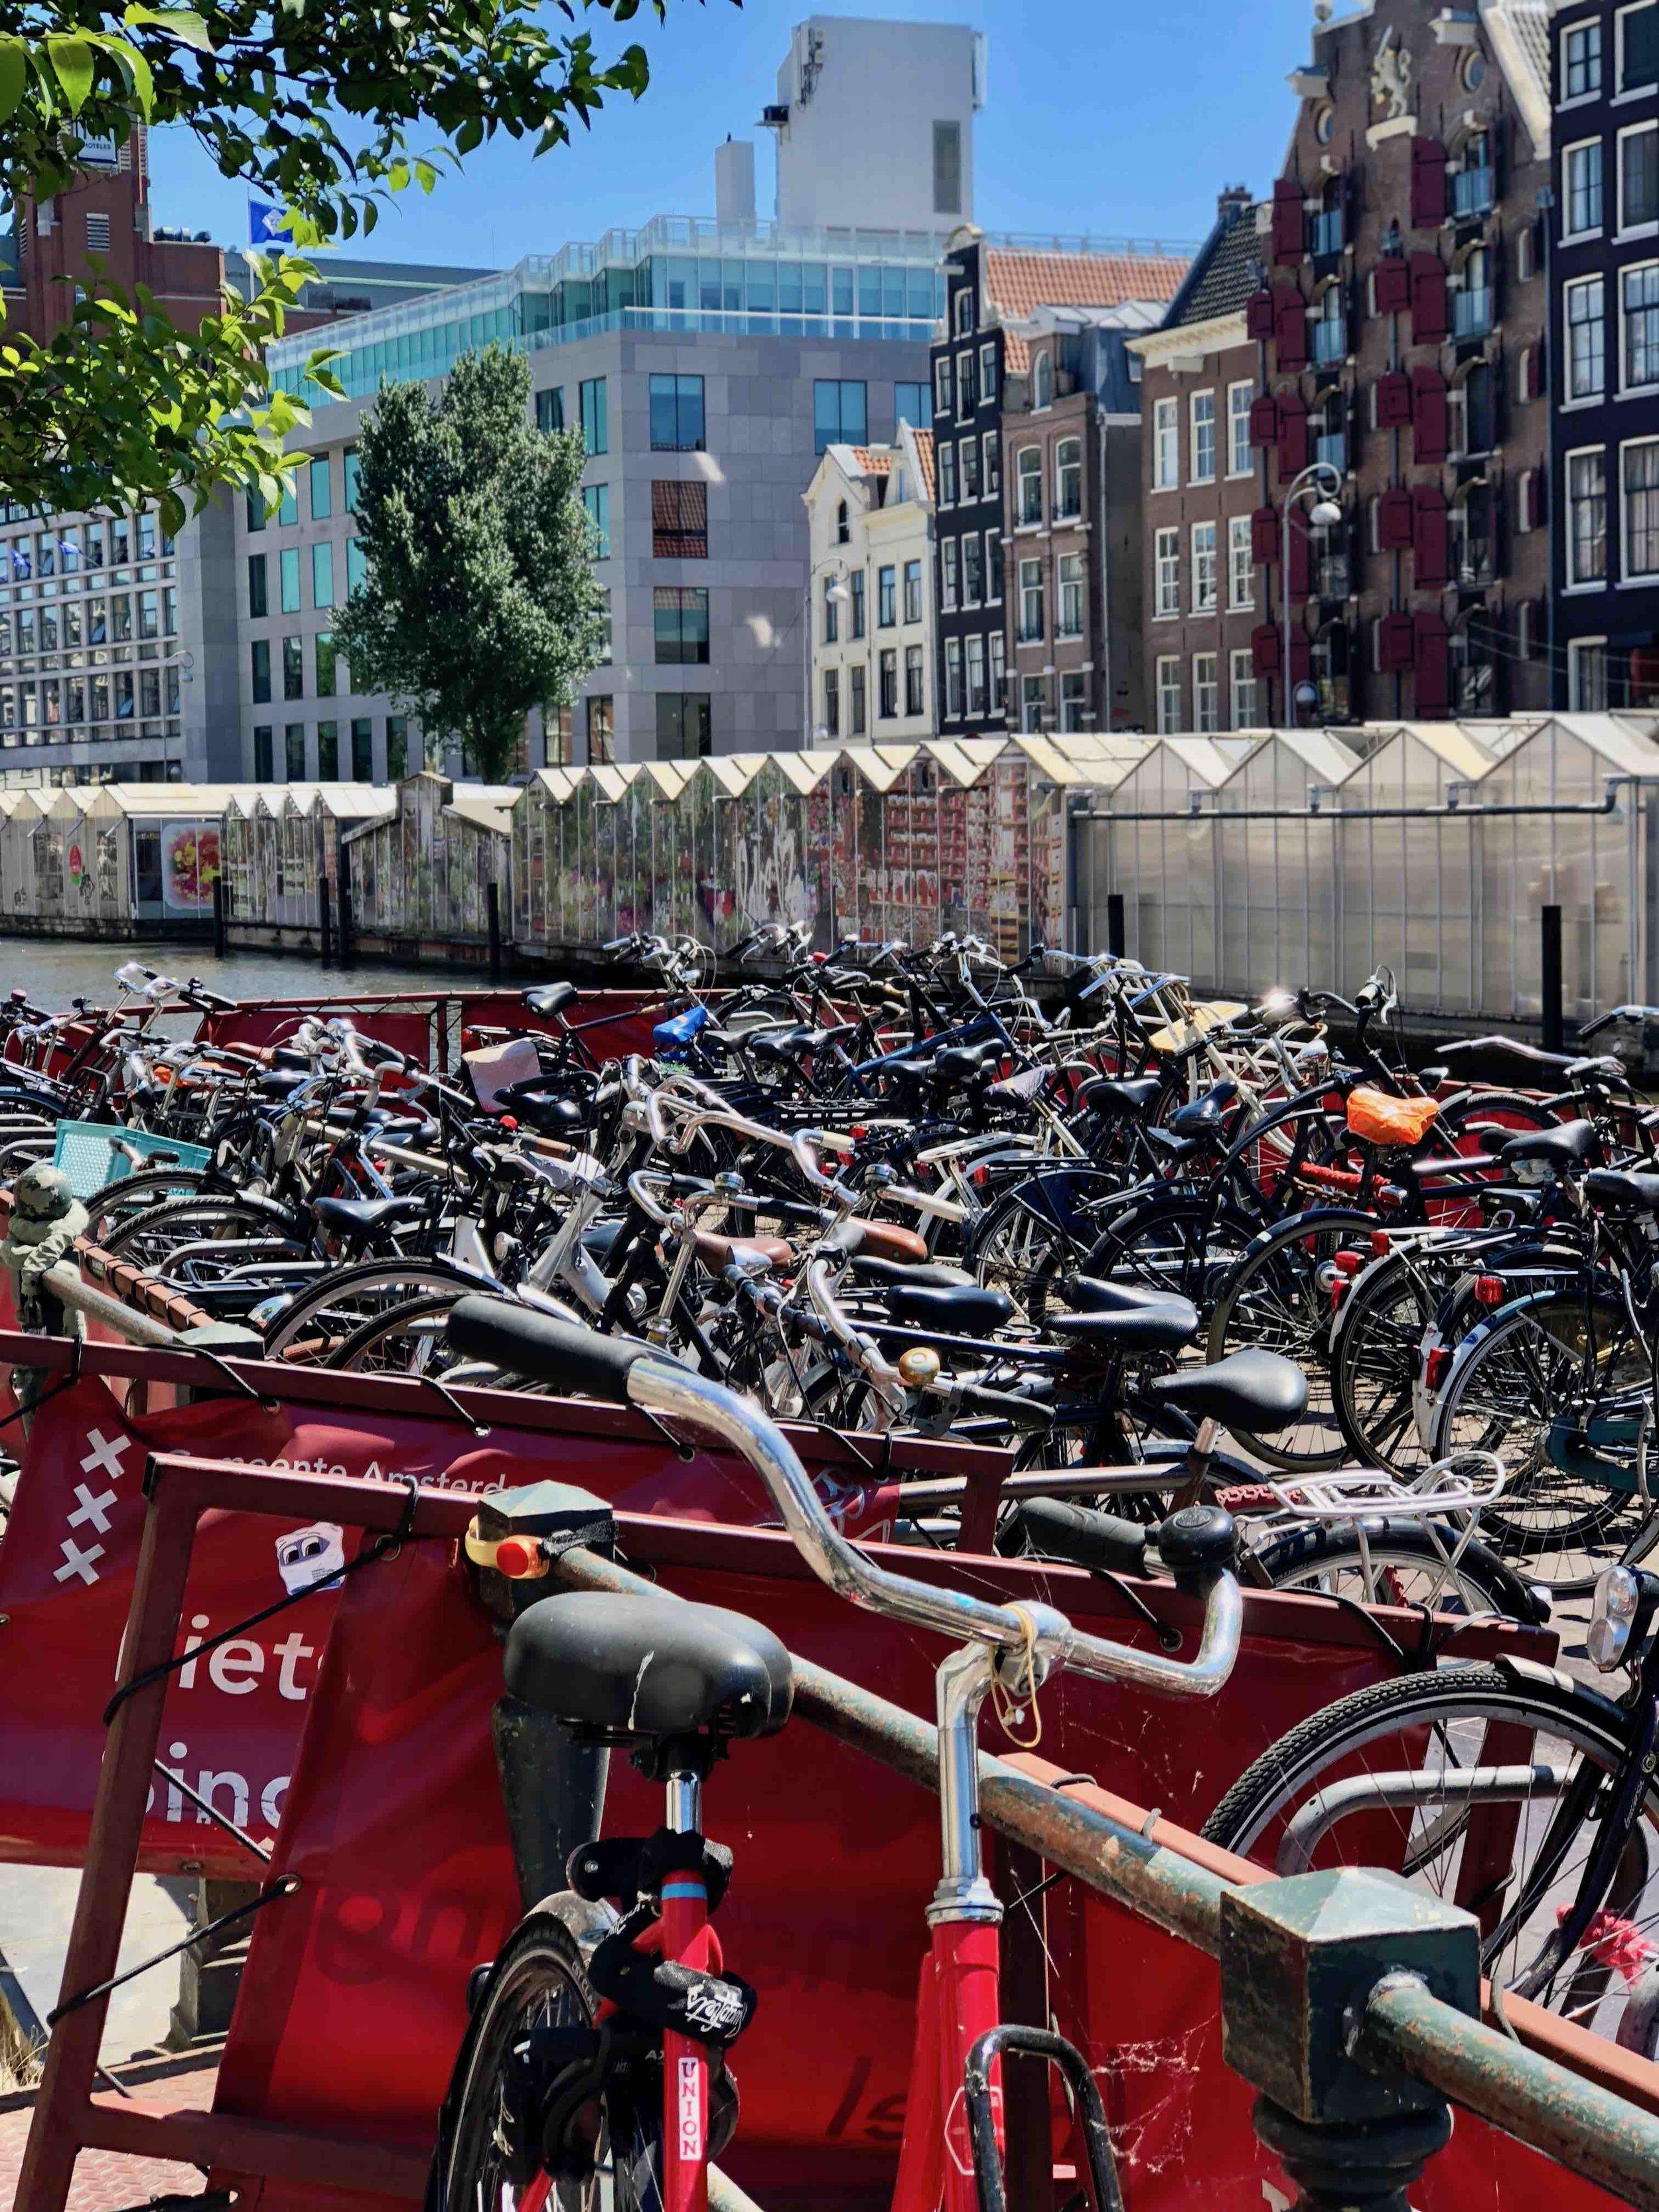 800,000 Bikes